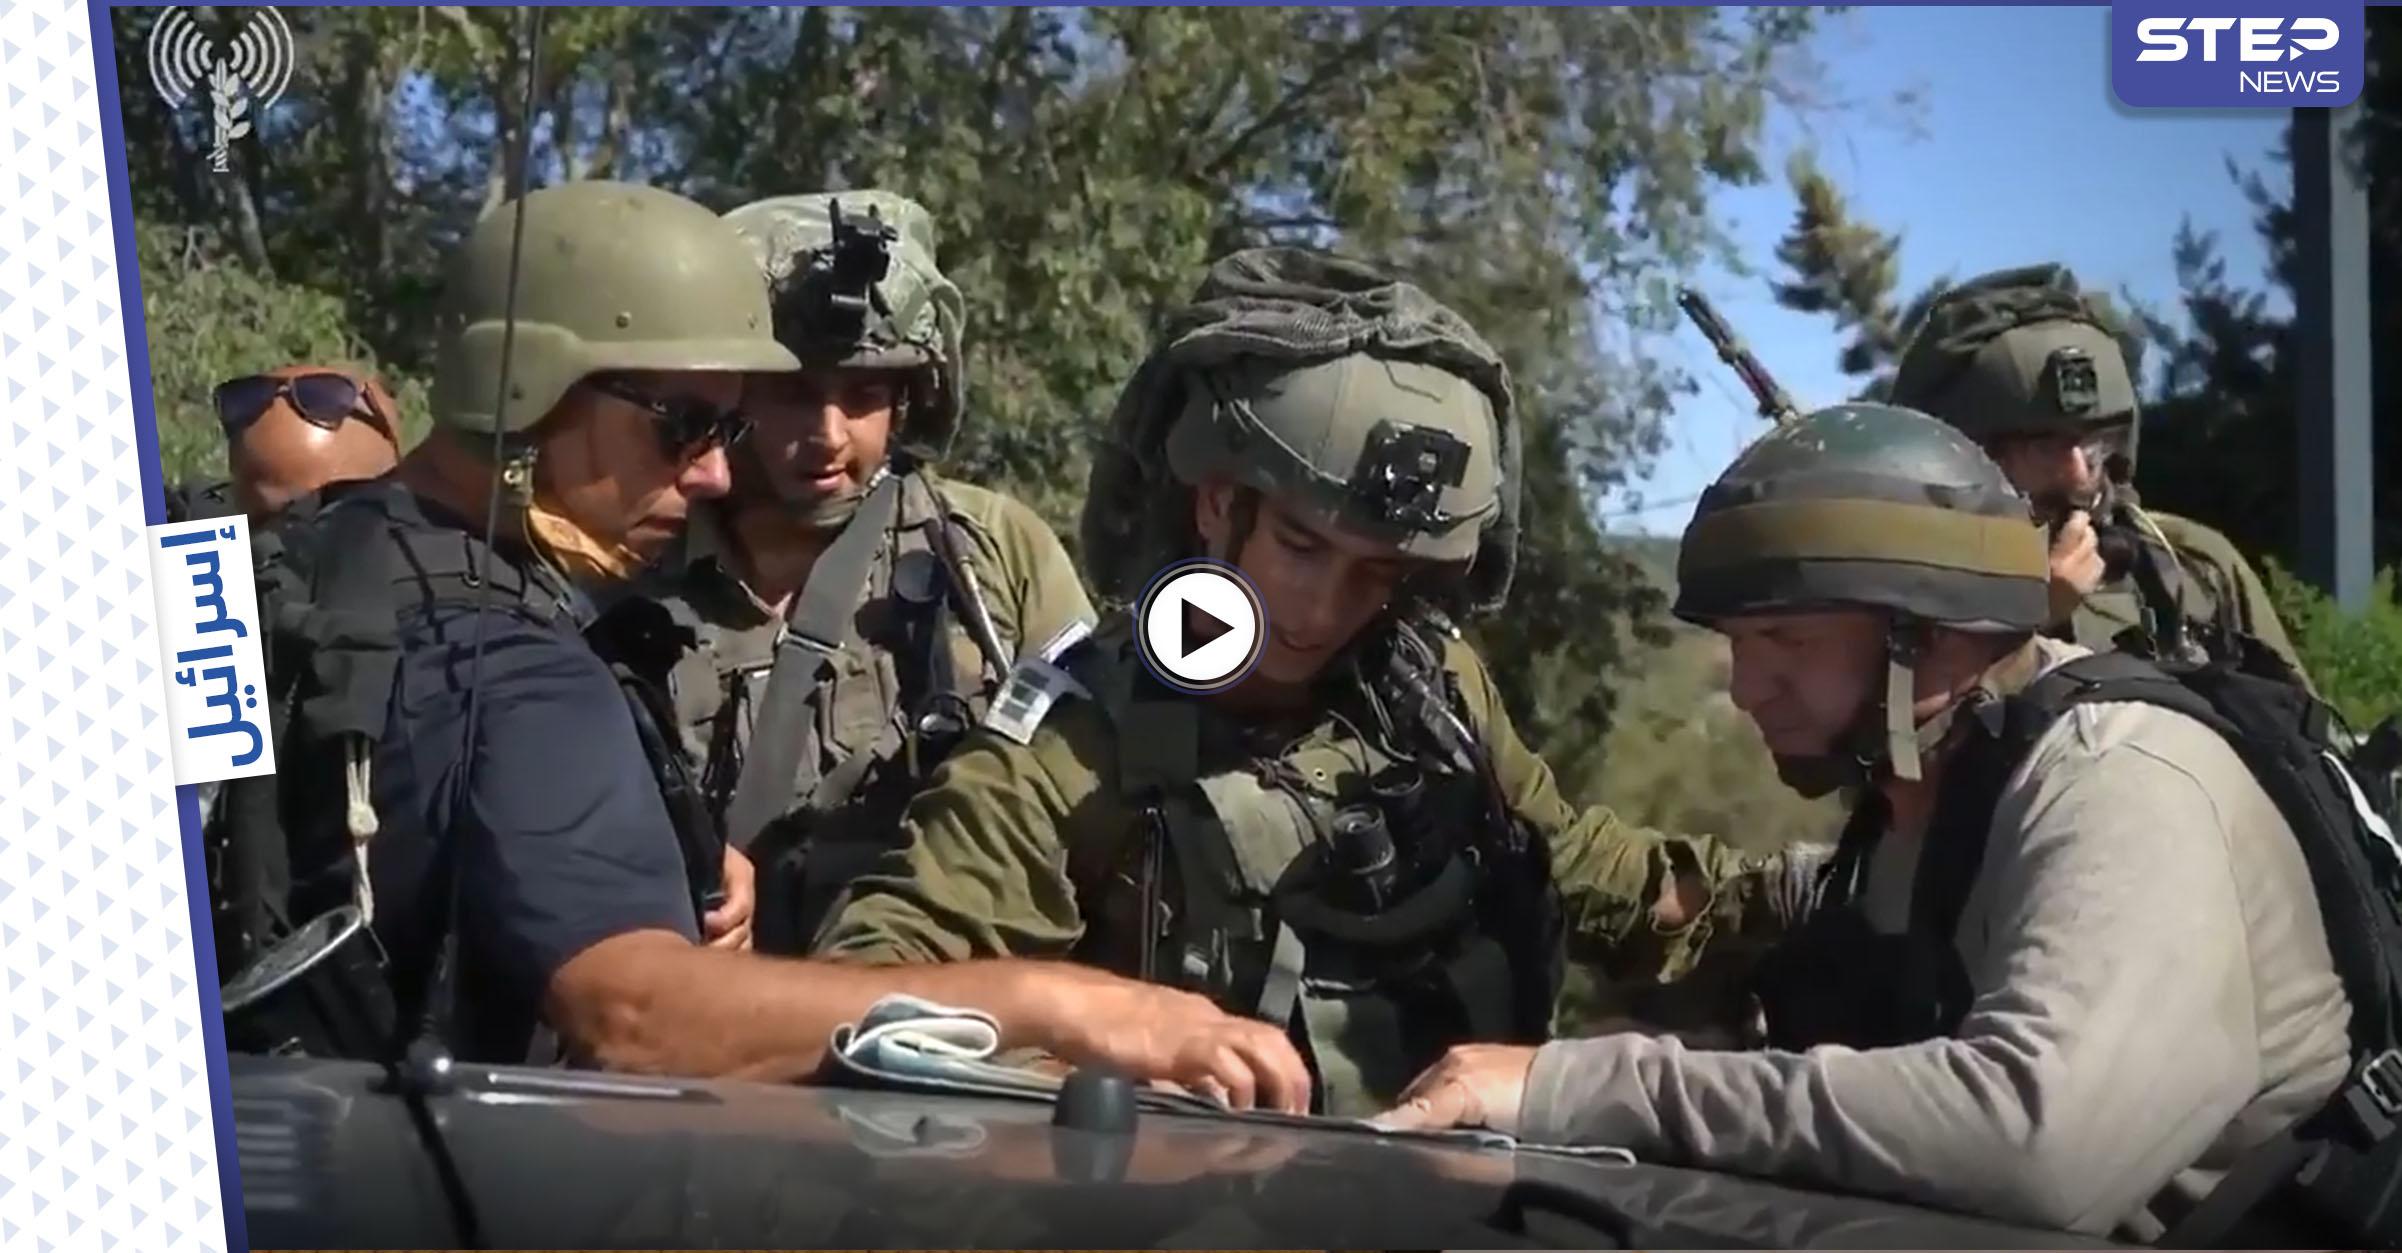 بالفيديو || الجيش الإسرائيلي يجهّز لسيناريو تصعيدي لمواجهة حزب الله.. والأخير يهدد